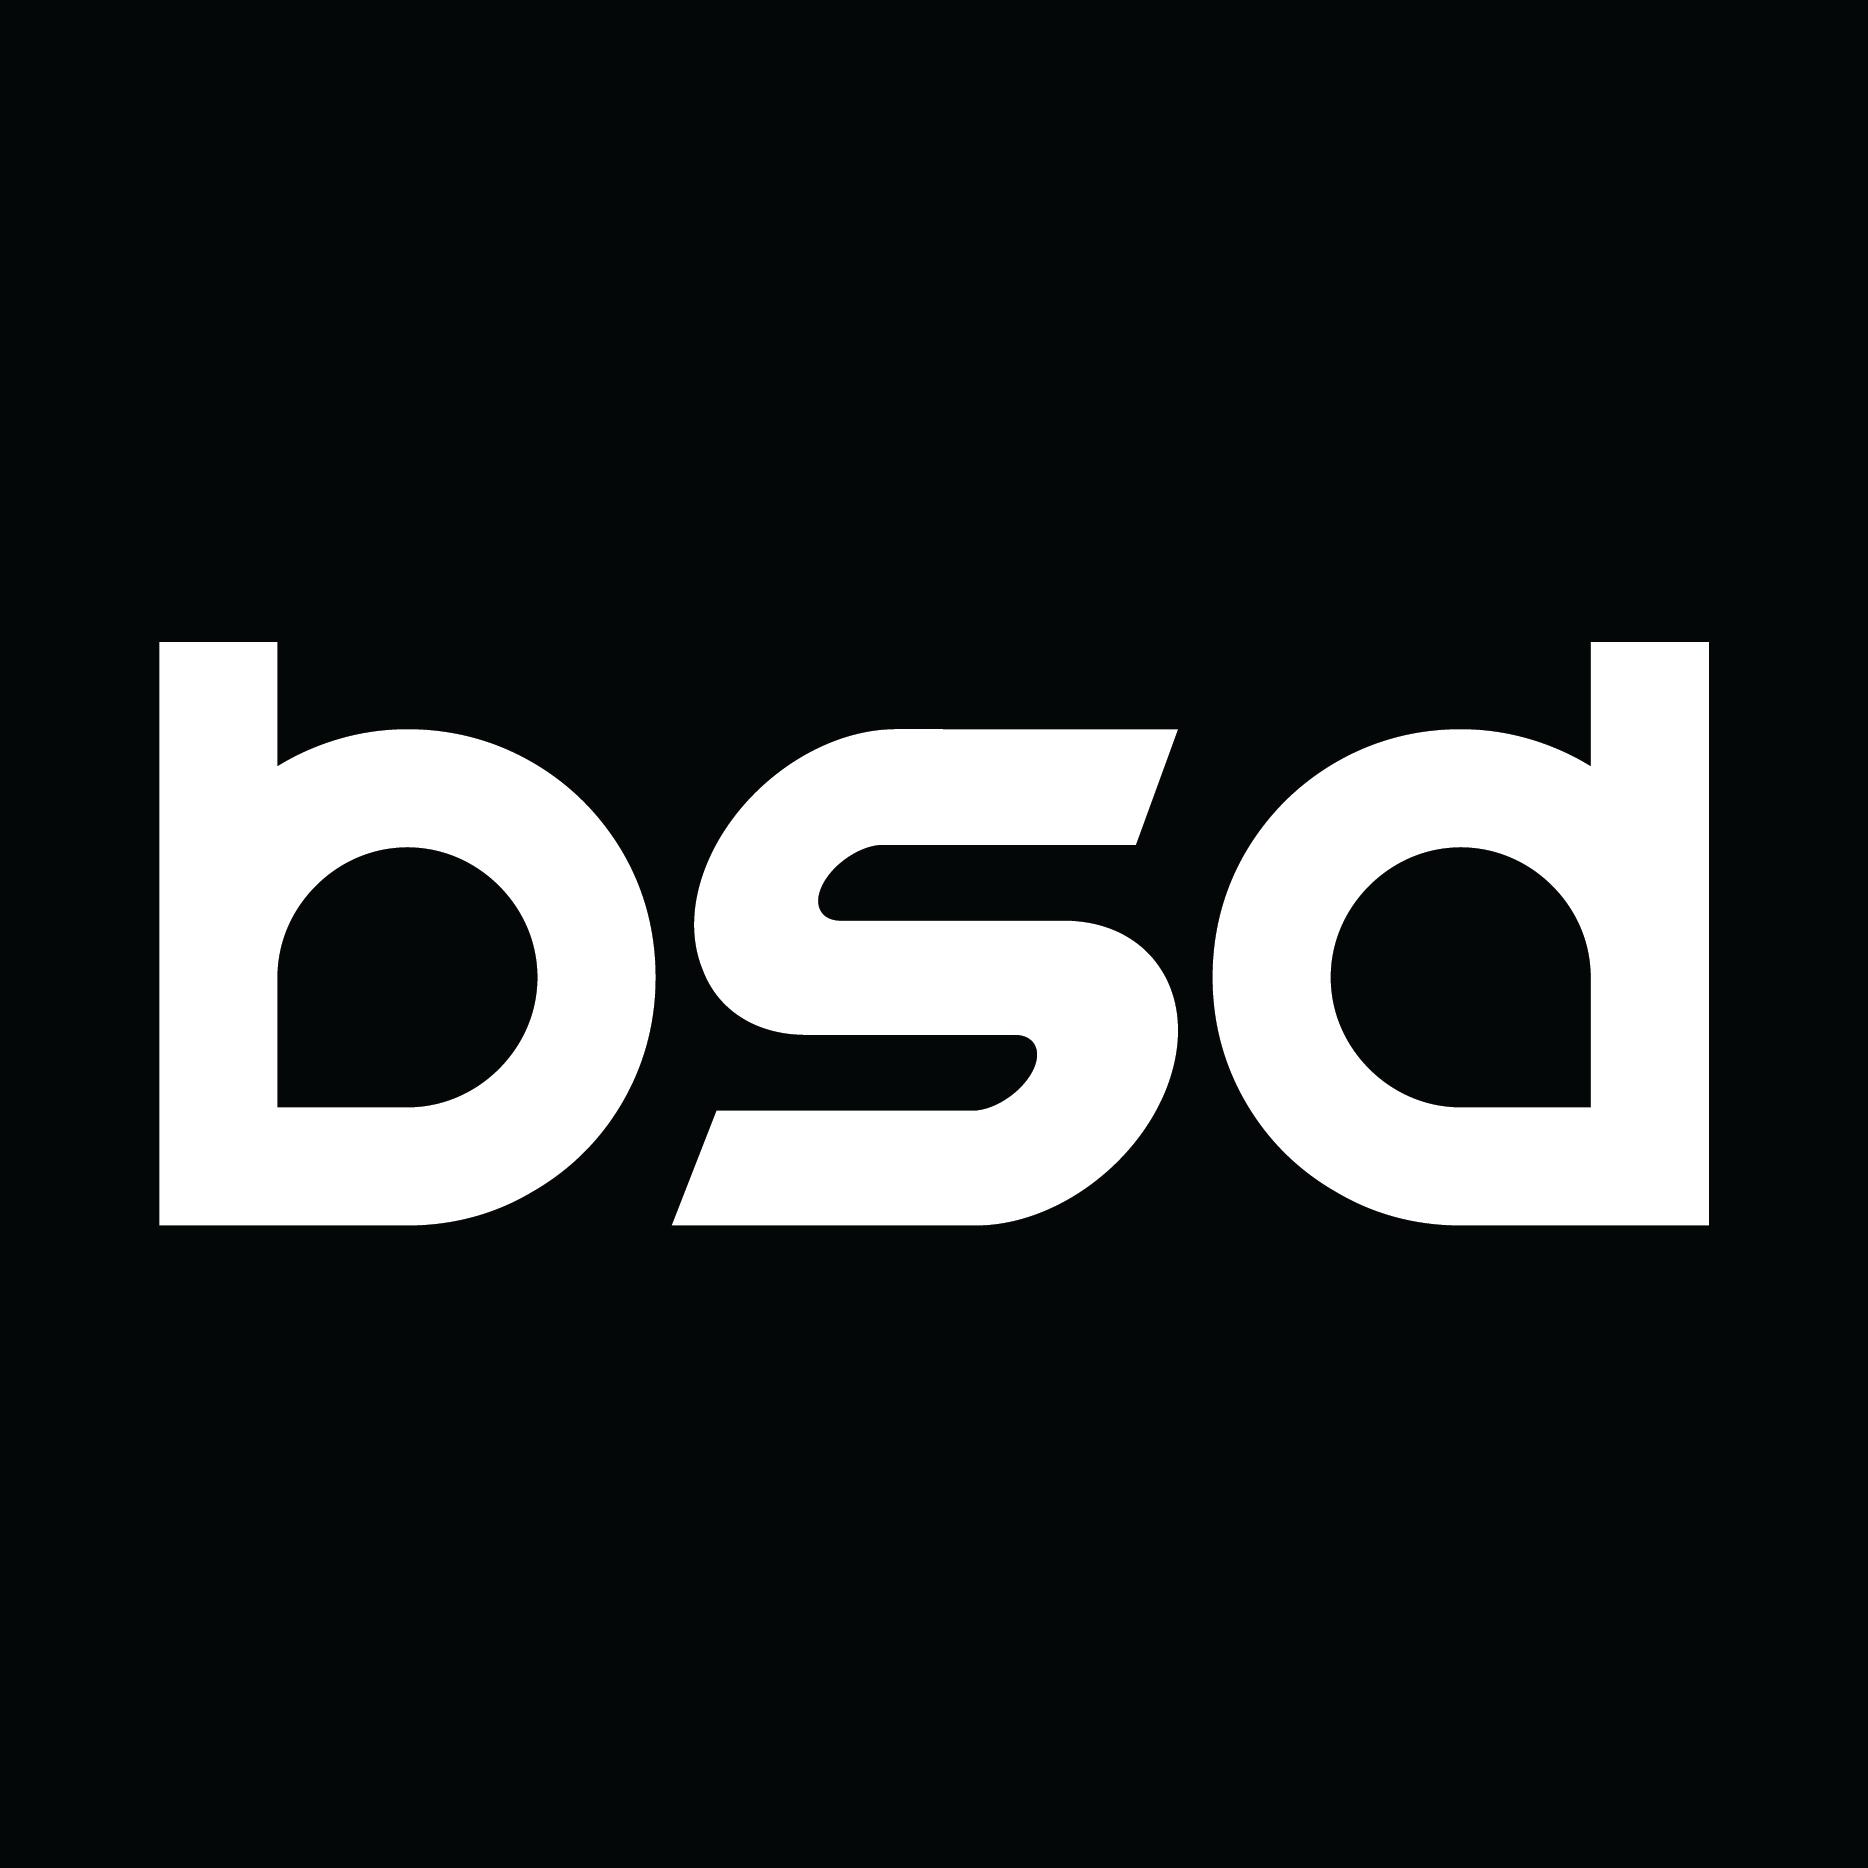 @BSDdesignsocial